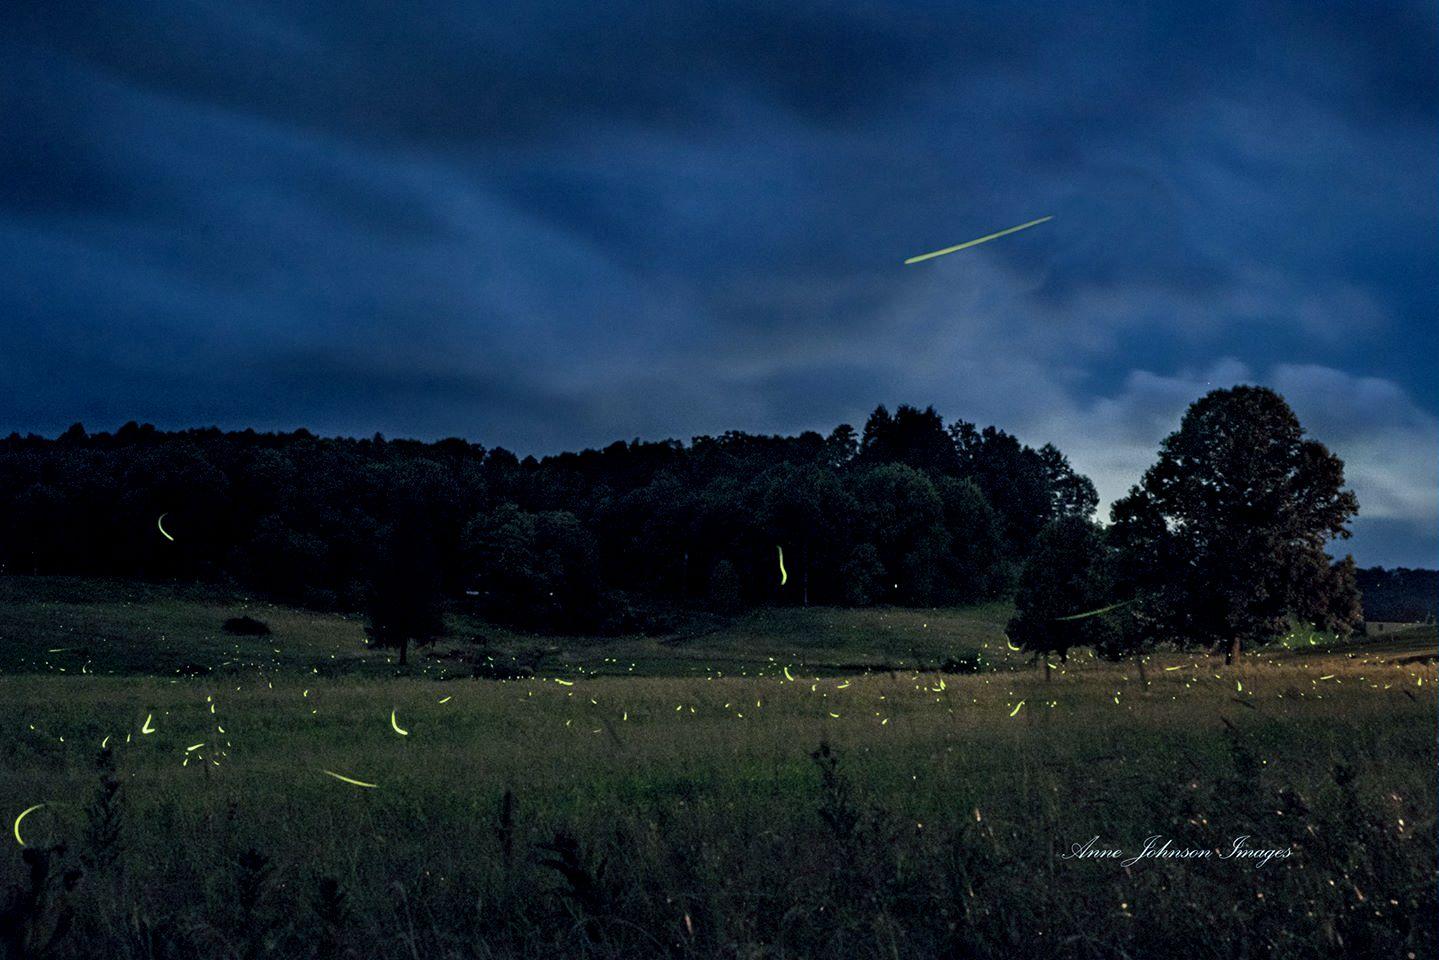 Fireflies dance in a field in Nicholas County, West Virginia.